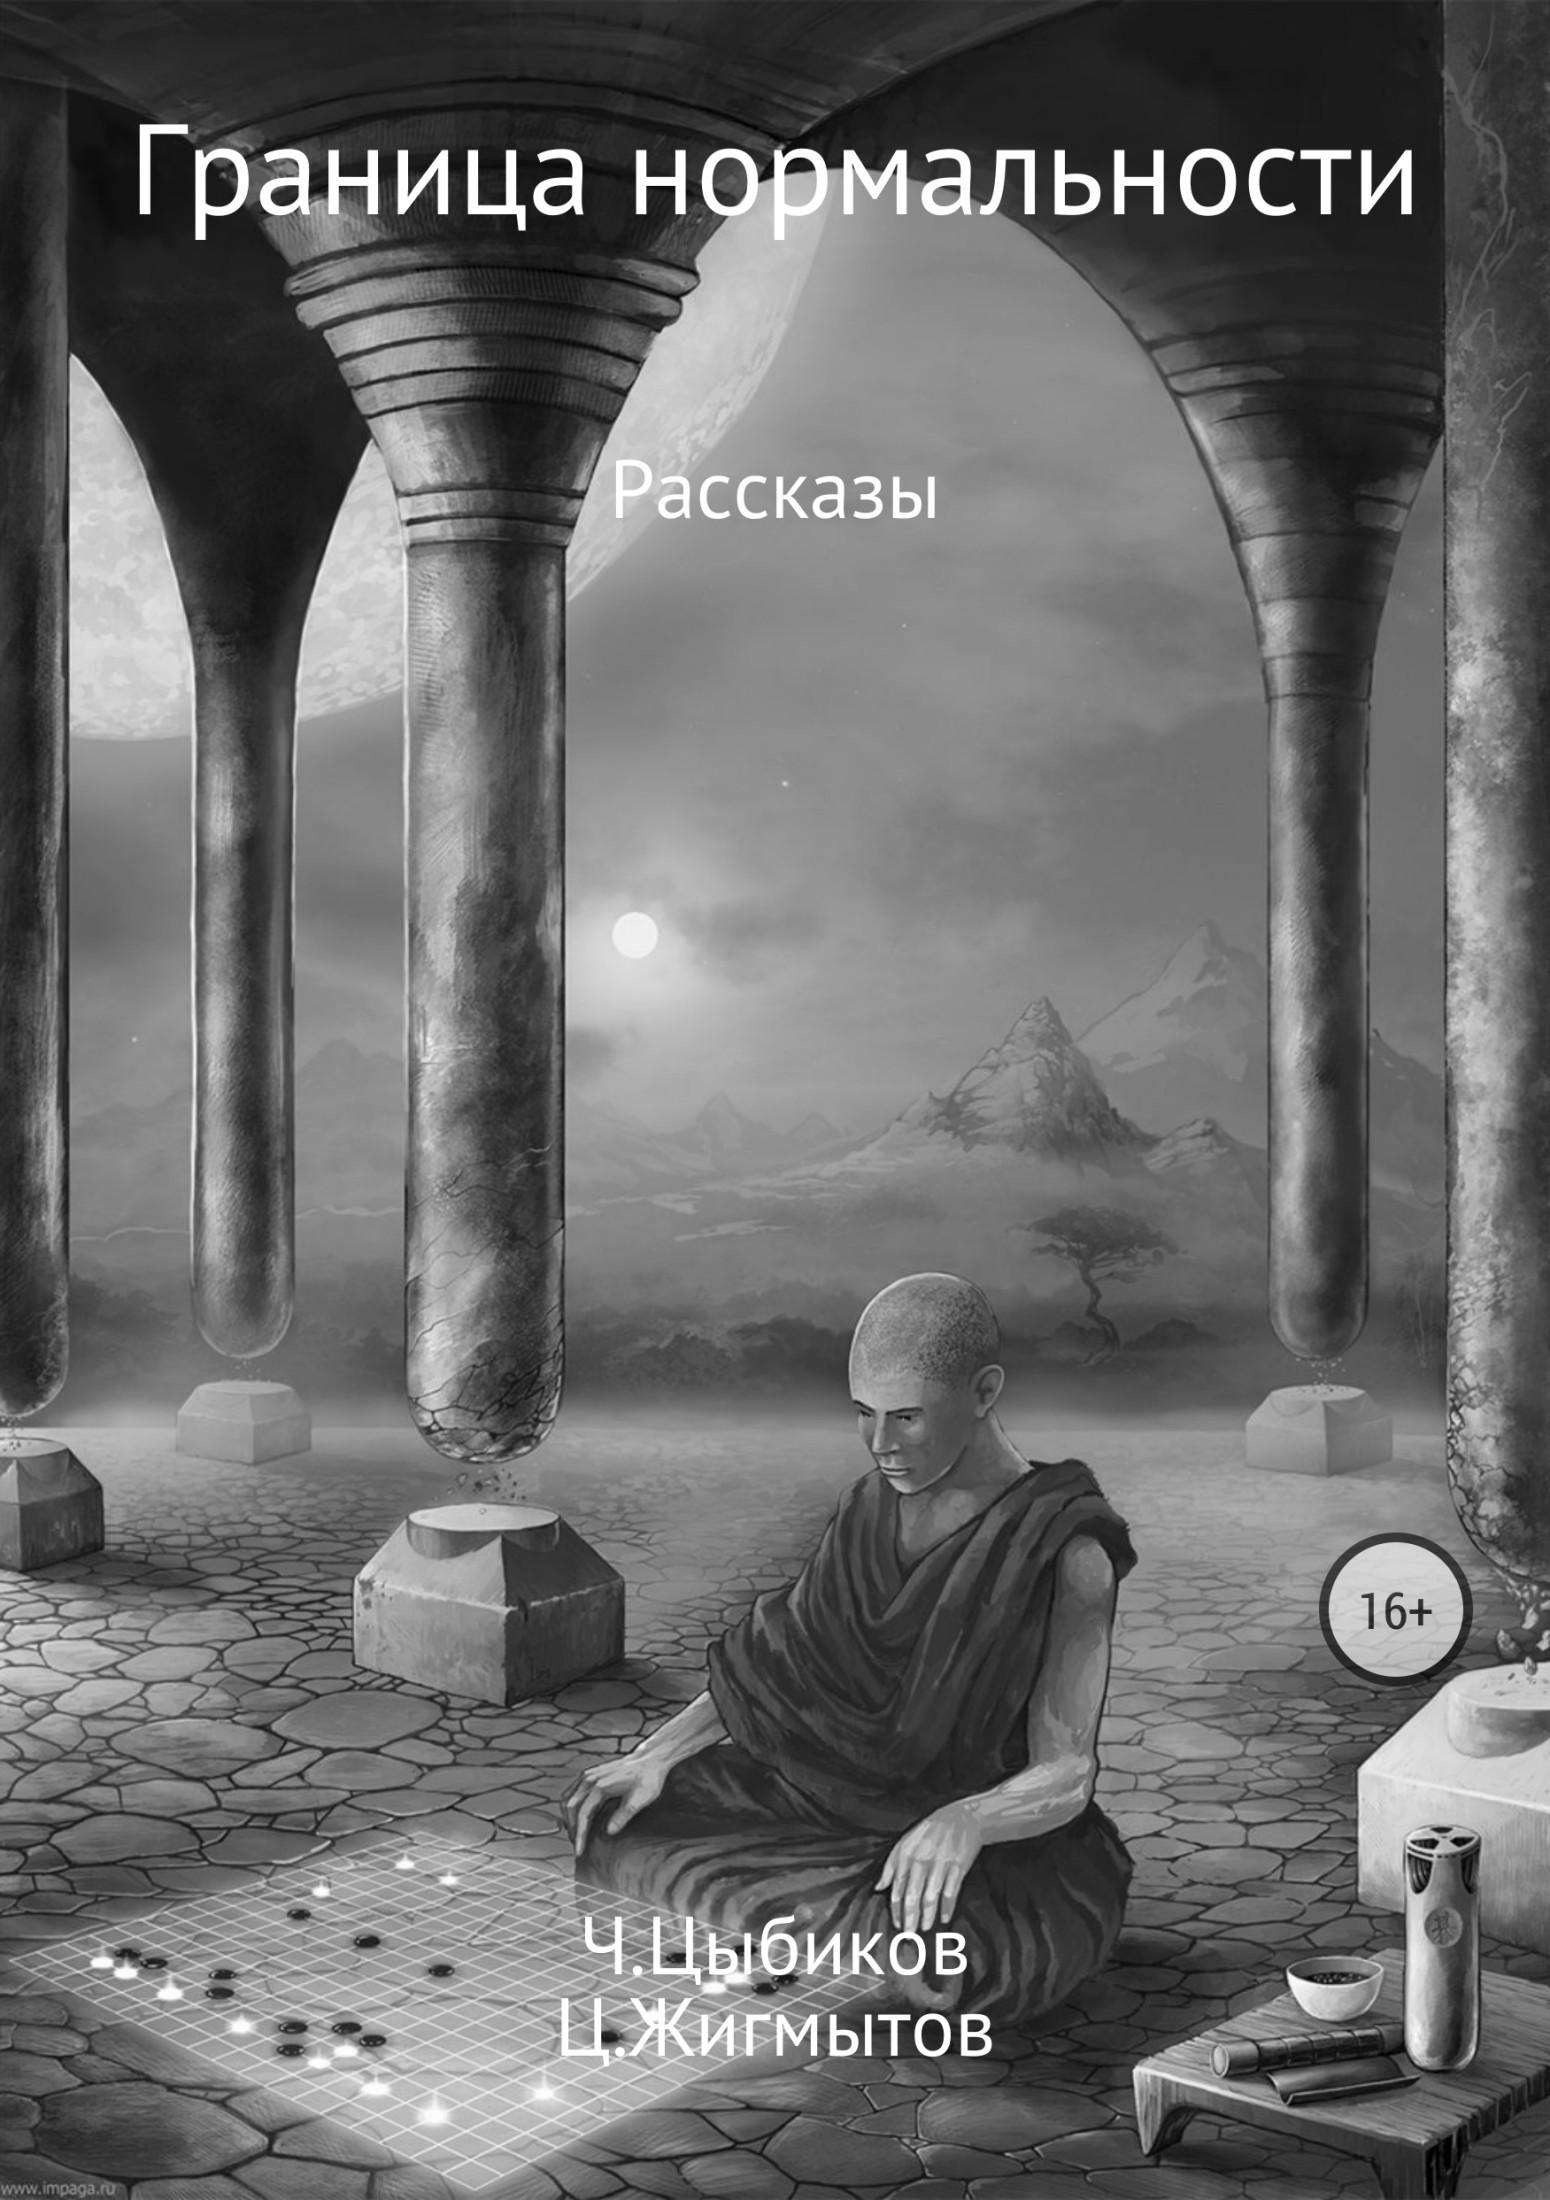 Чингиз Григорьевич Цыбиков Граница нормальности дмитрий моисеев сборник рассказов